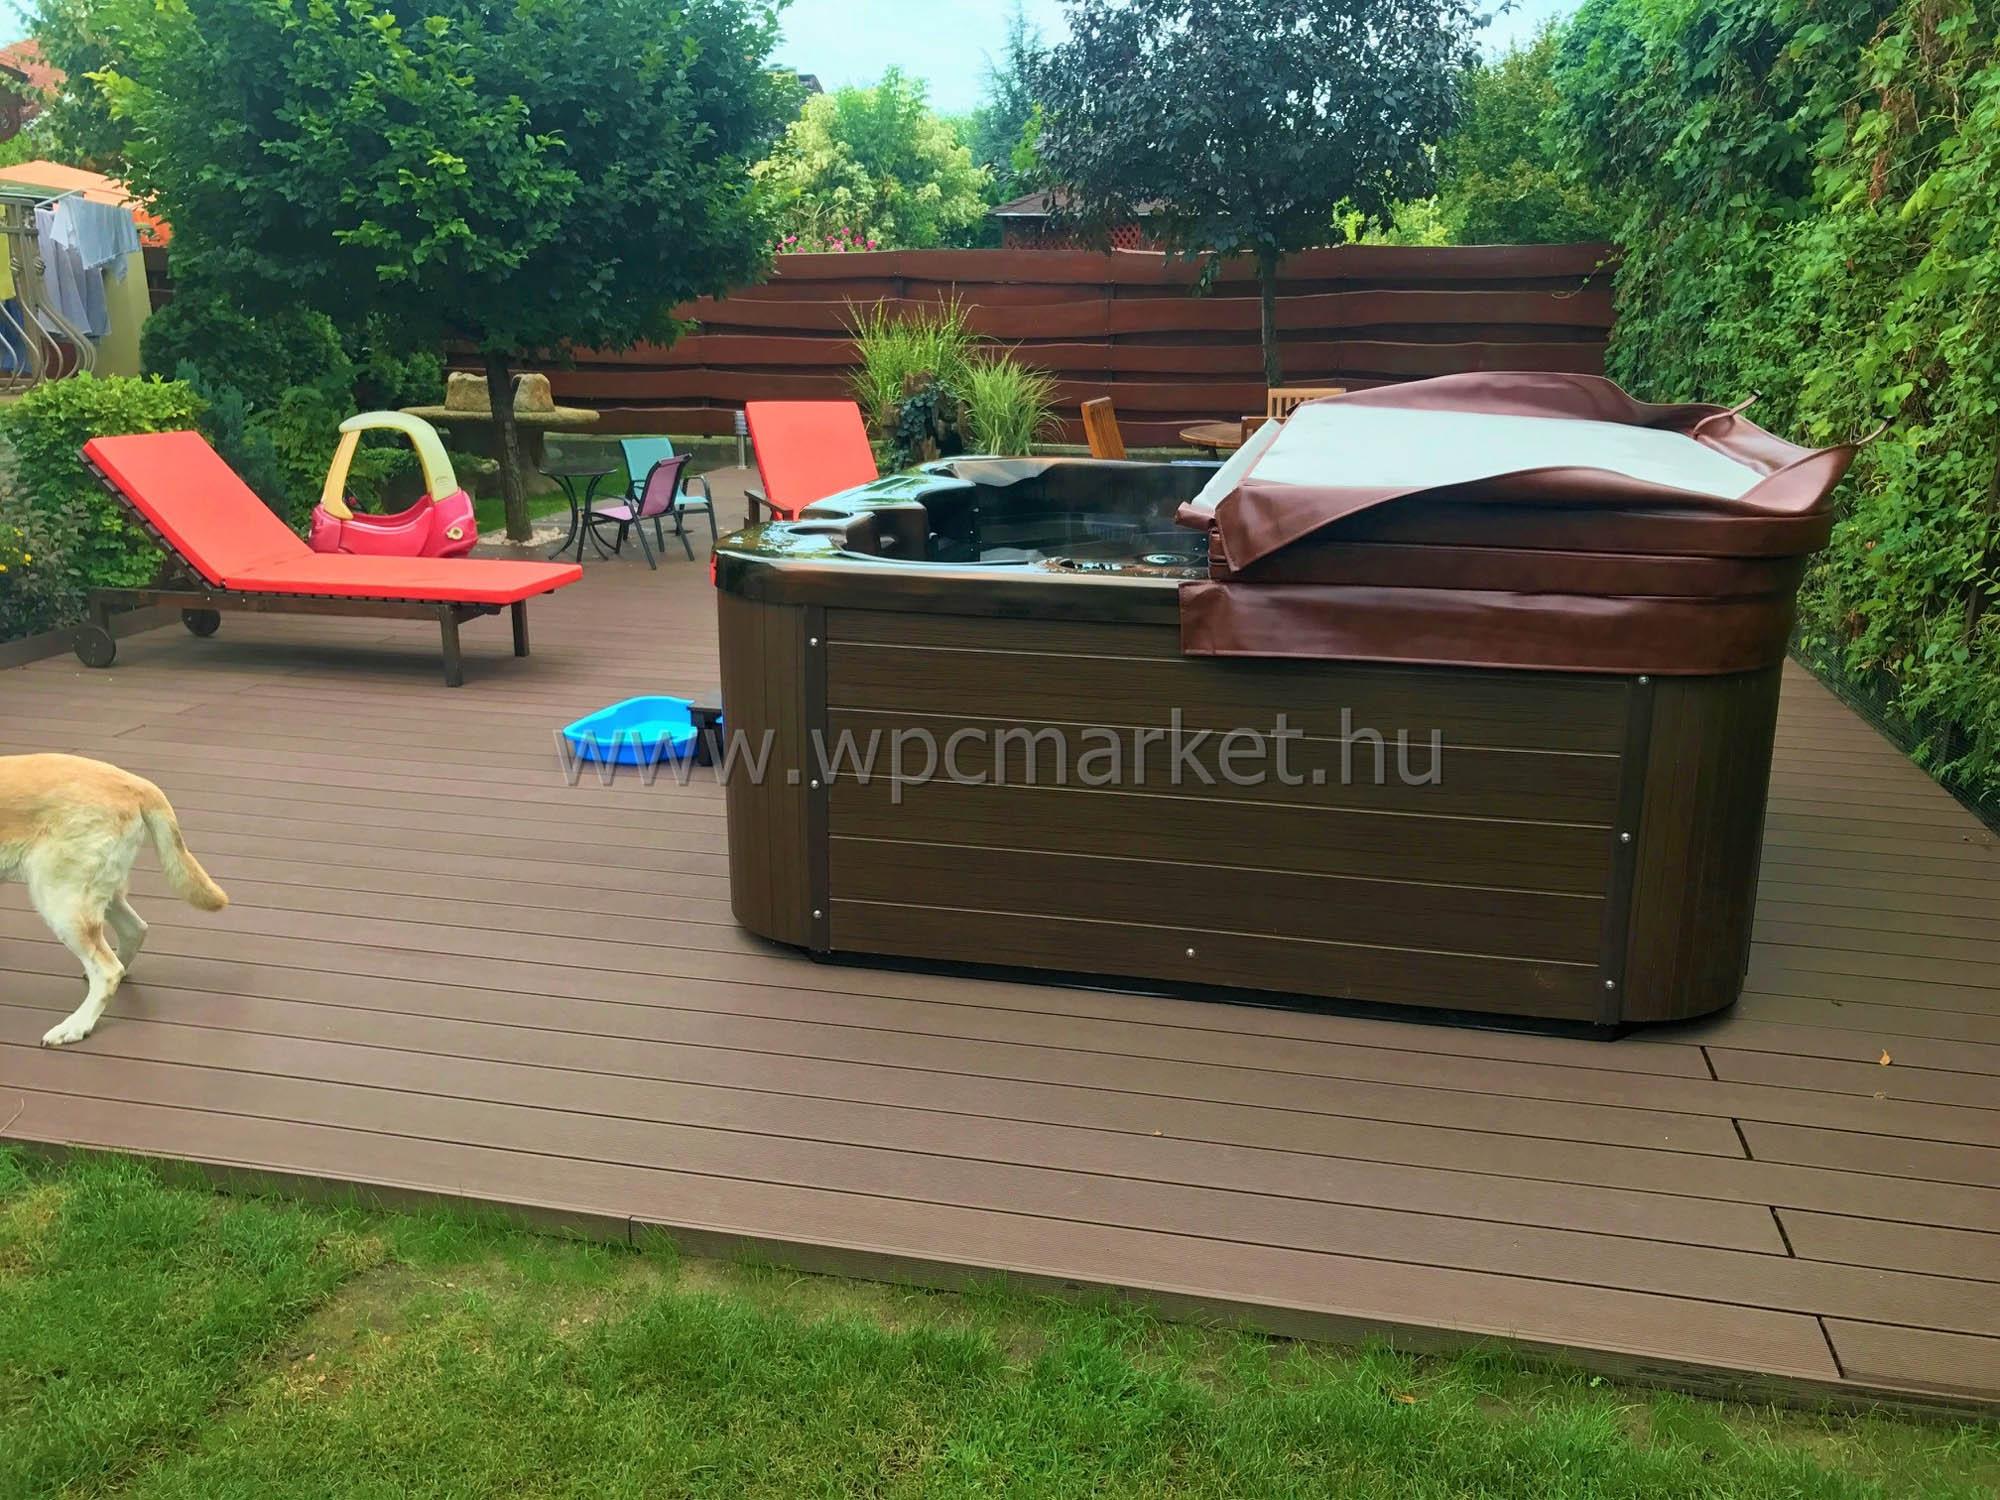 Sötétbarna Premium Classic WPC terasz burkolat, Kispest